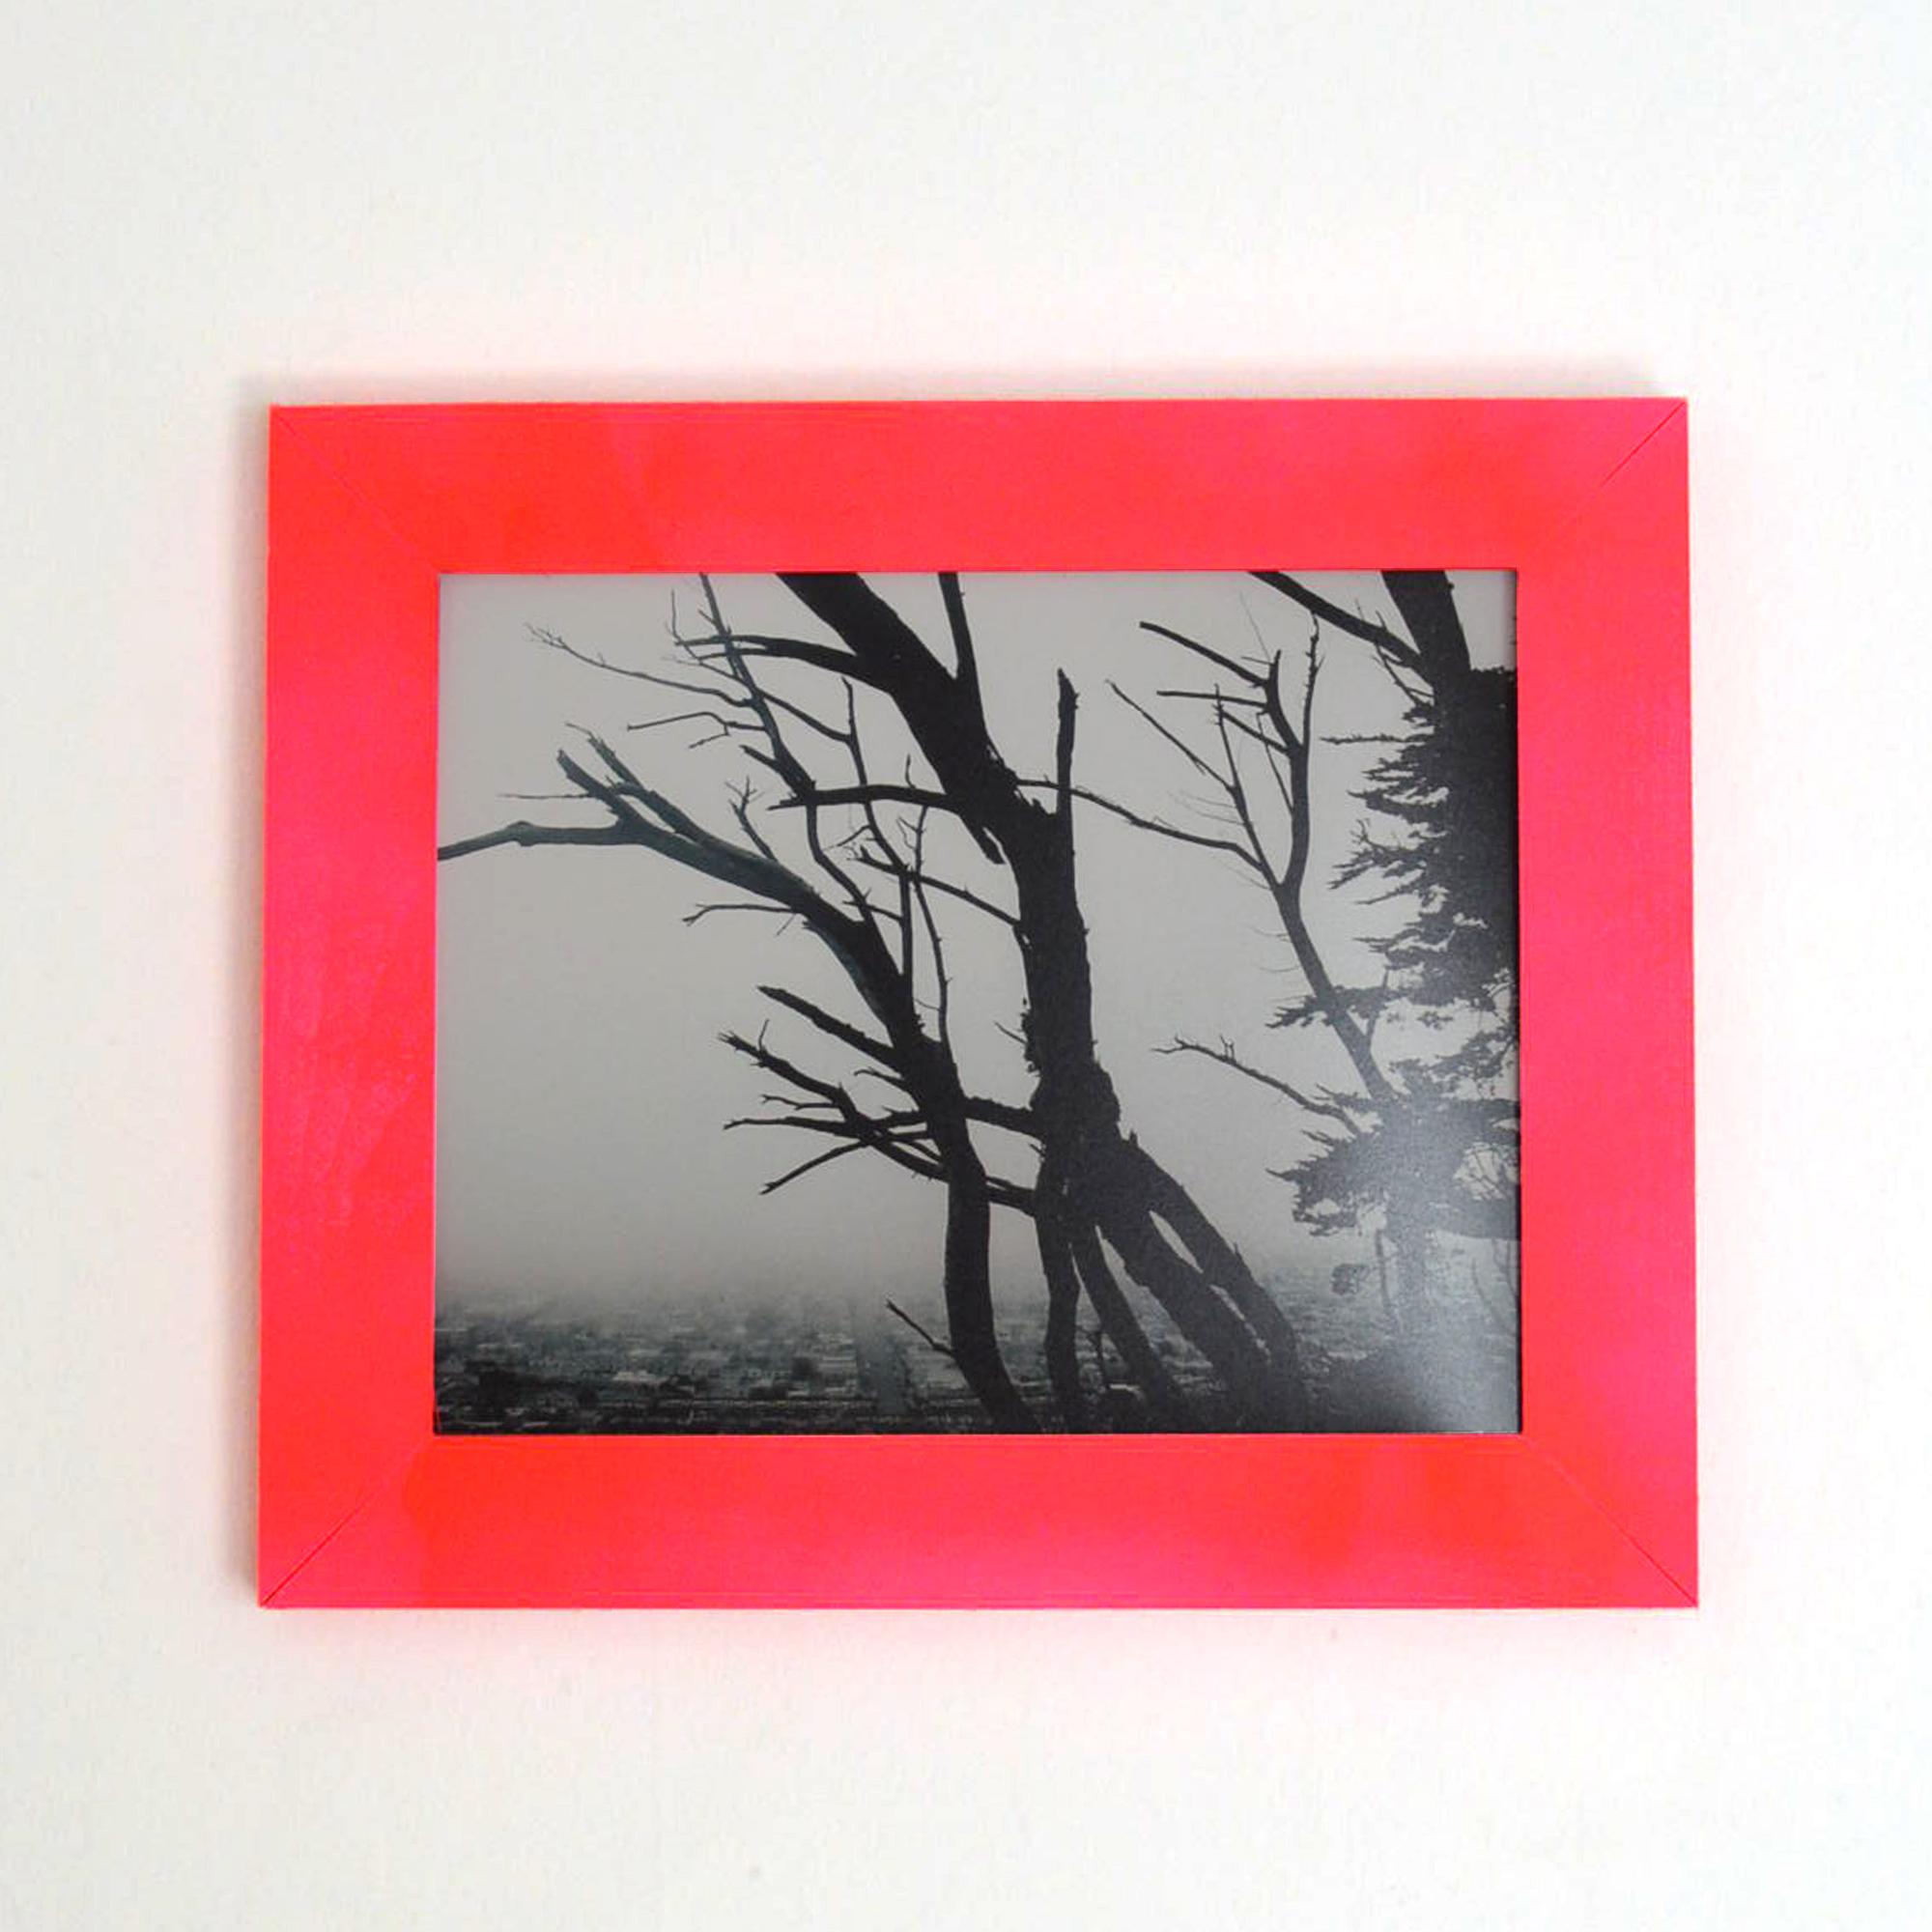 Fog & Tree in pink frame // Blog-Action